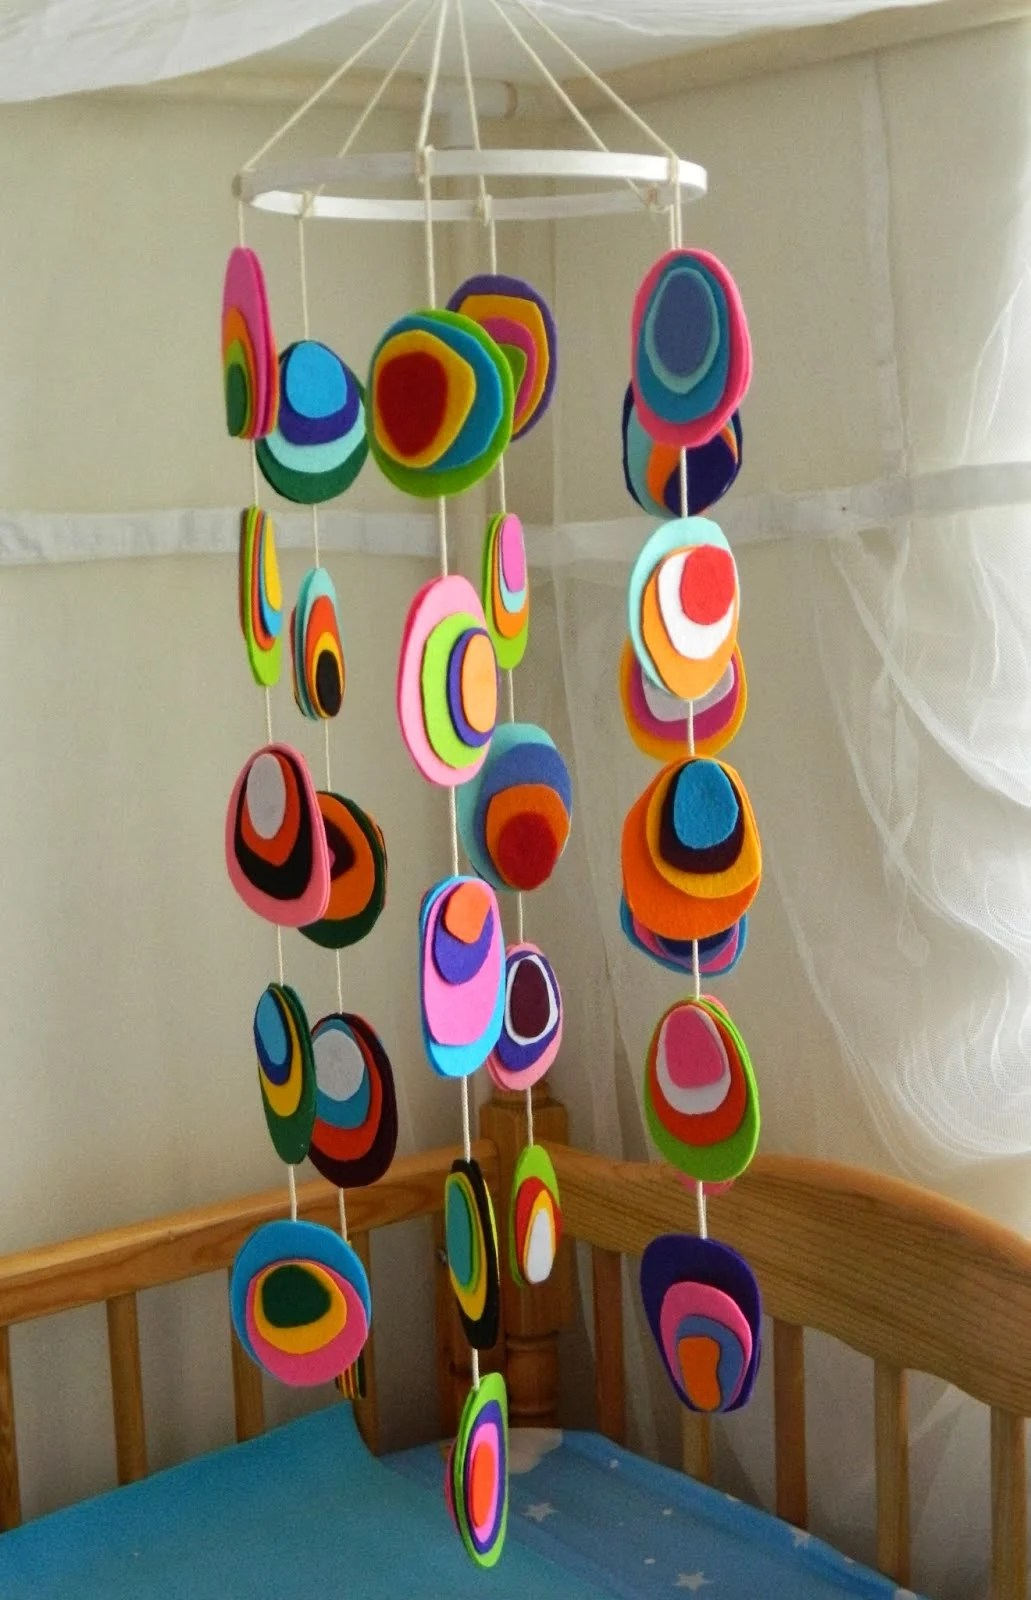 Kreative Ideen fr Mobile basteln zum Selbermachen  bastelideen Deko  Feiern DIY  ZENIDEEN